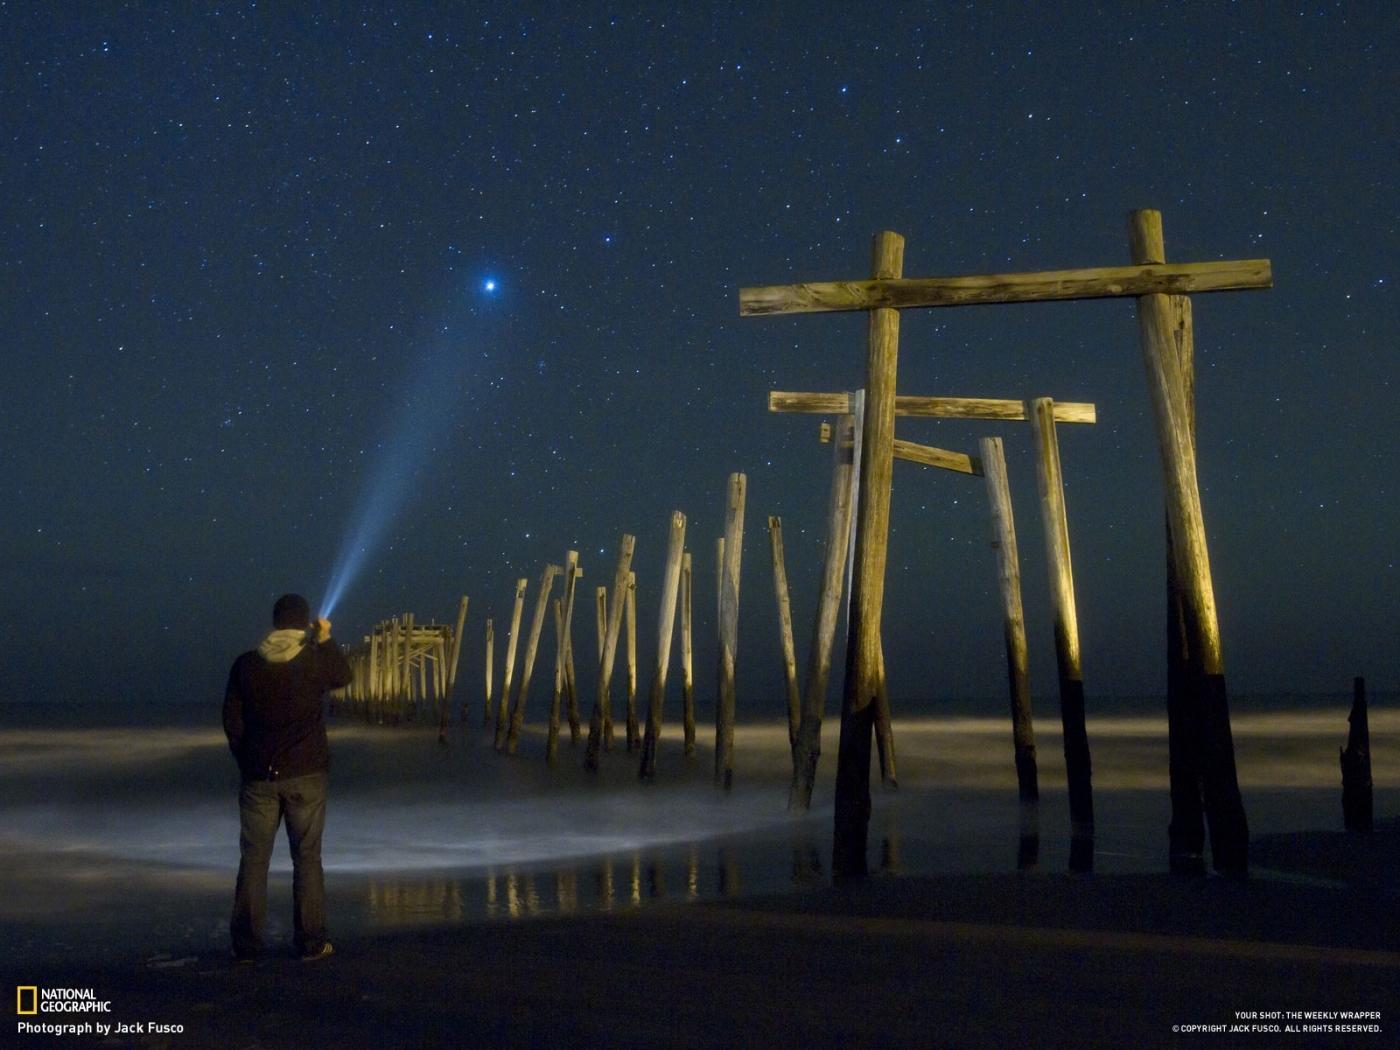 Скачать картинку Люди, Звезды, Мужчины, Ночь, Море, Пейзаж, Небо в телефон бесплатно.